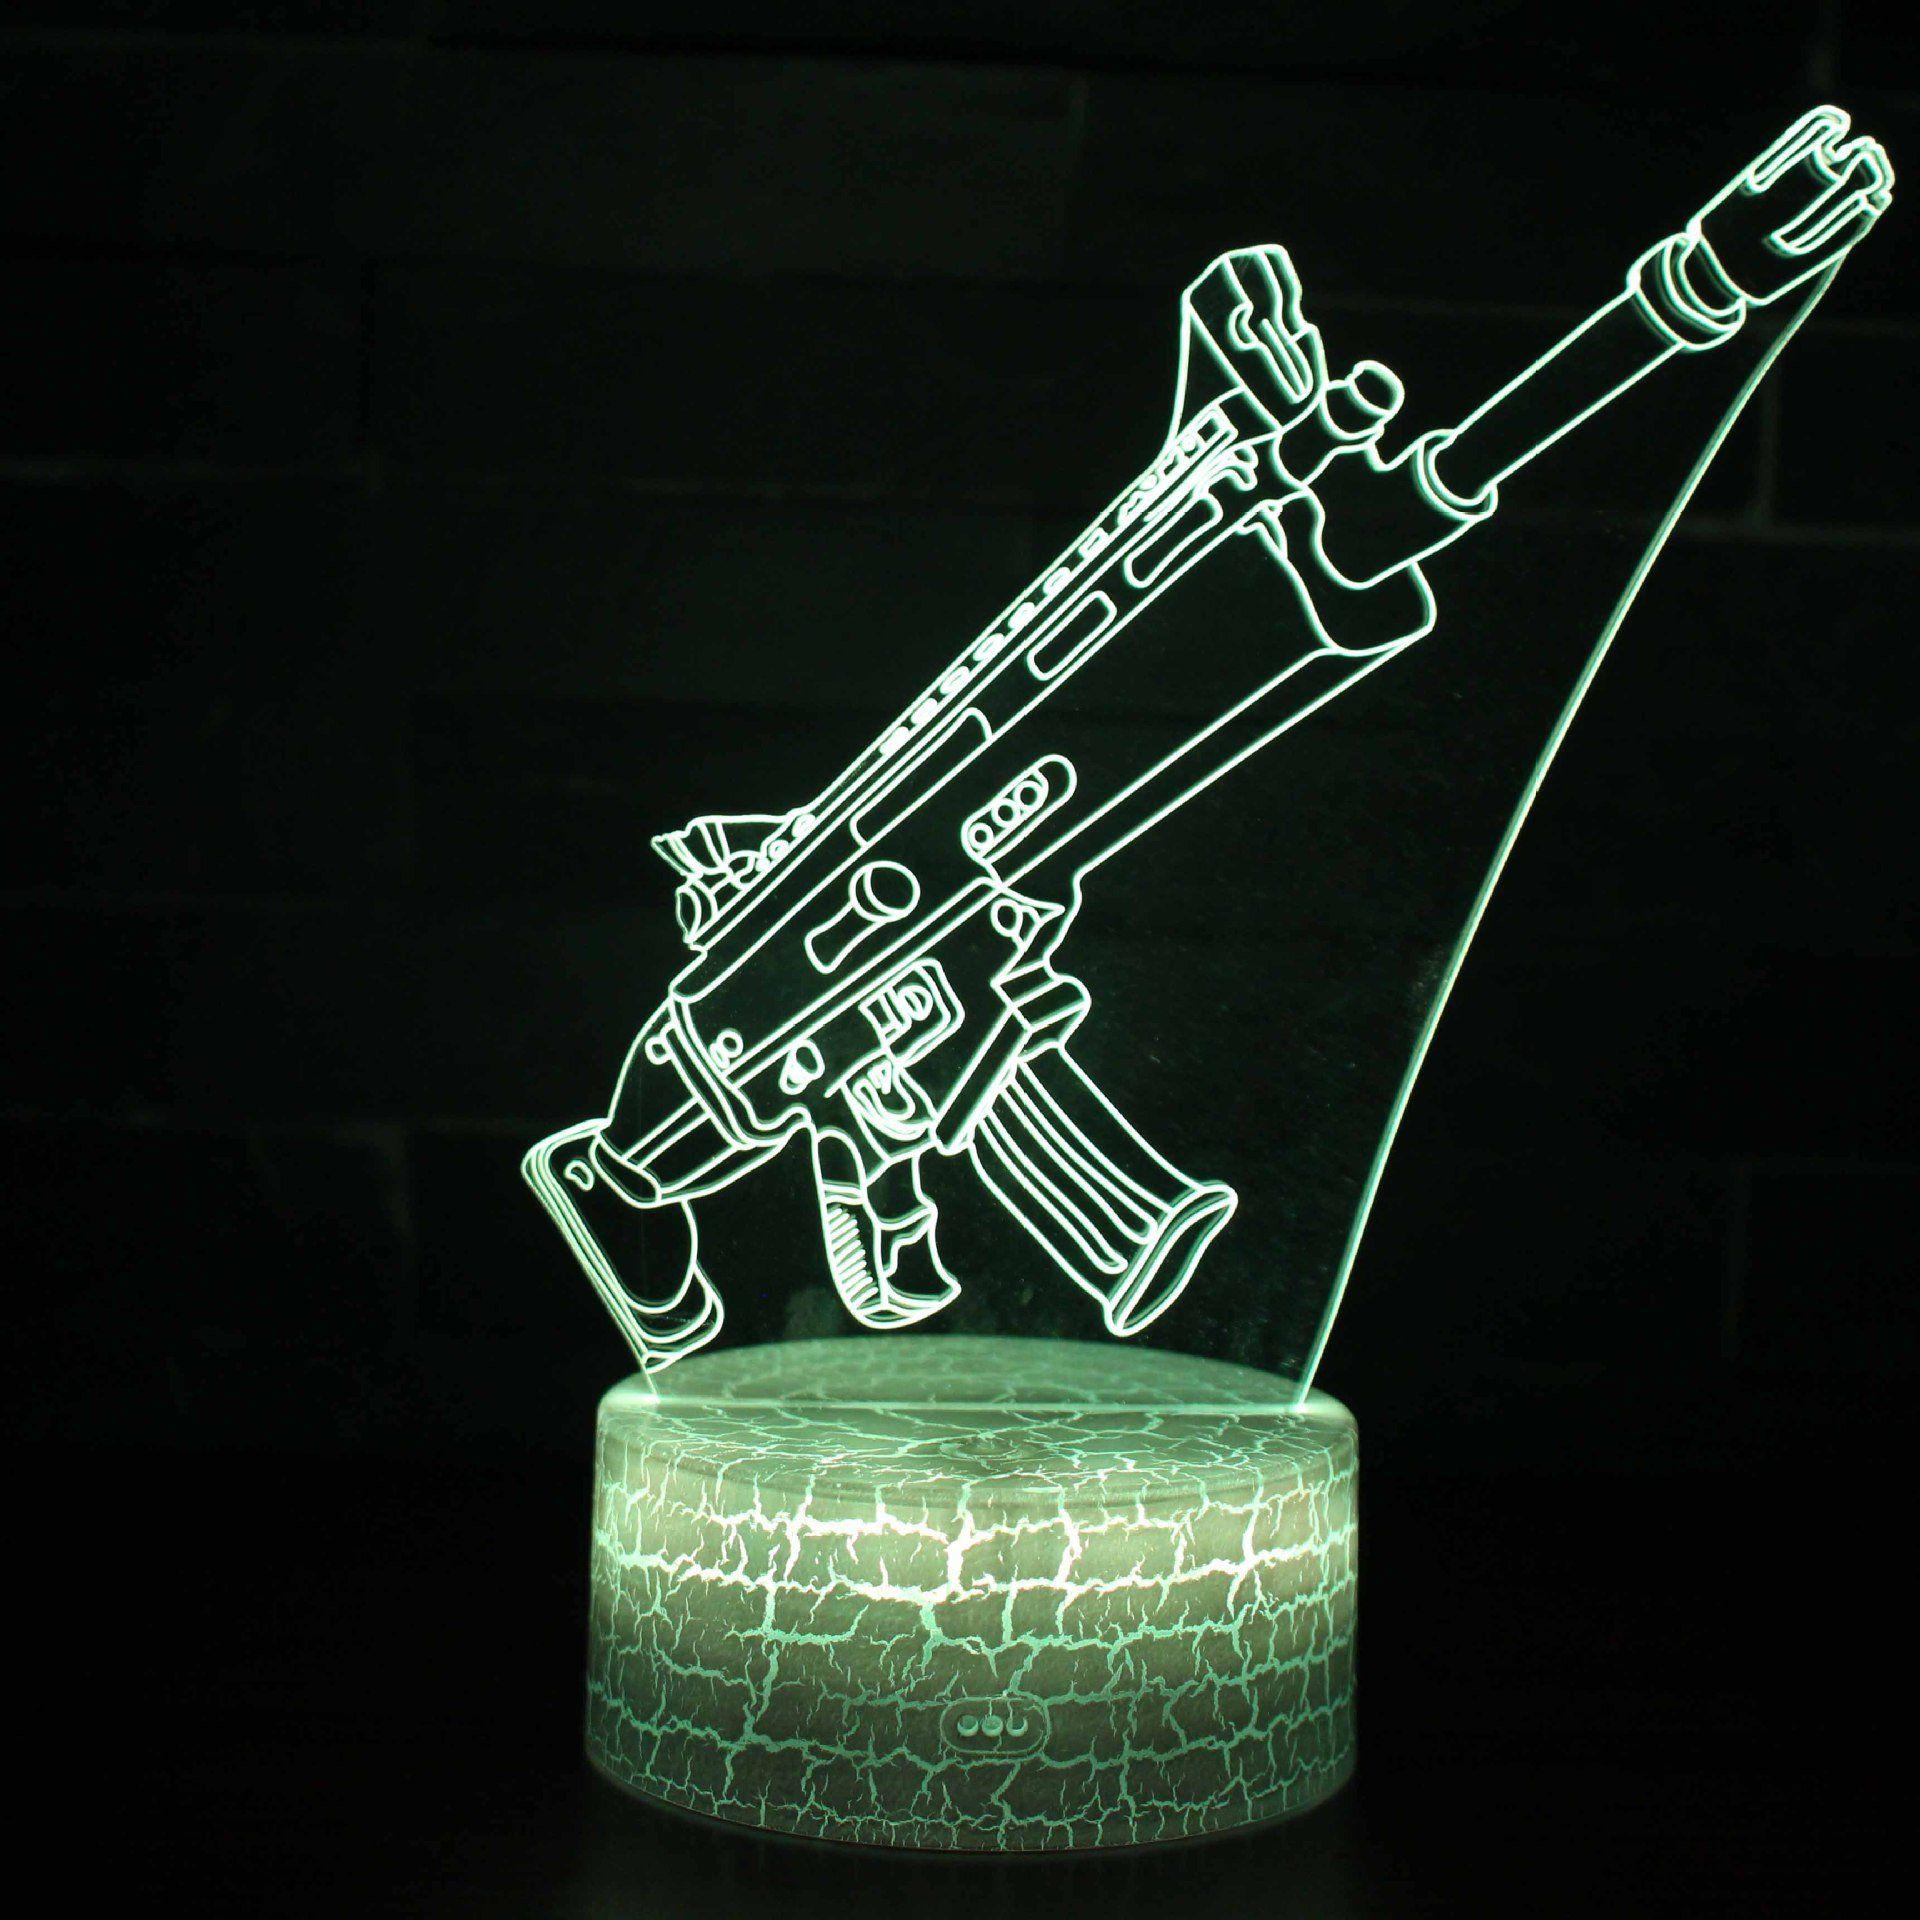 Fortnite Gewehr 3d Illusion Lampe Nachtlicht Schrebtischlampe Optische Tauschung Lampe Tischlampe Geschenk Acrylic Colors Toys Gift Action Figures